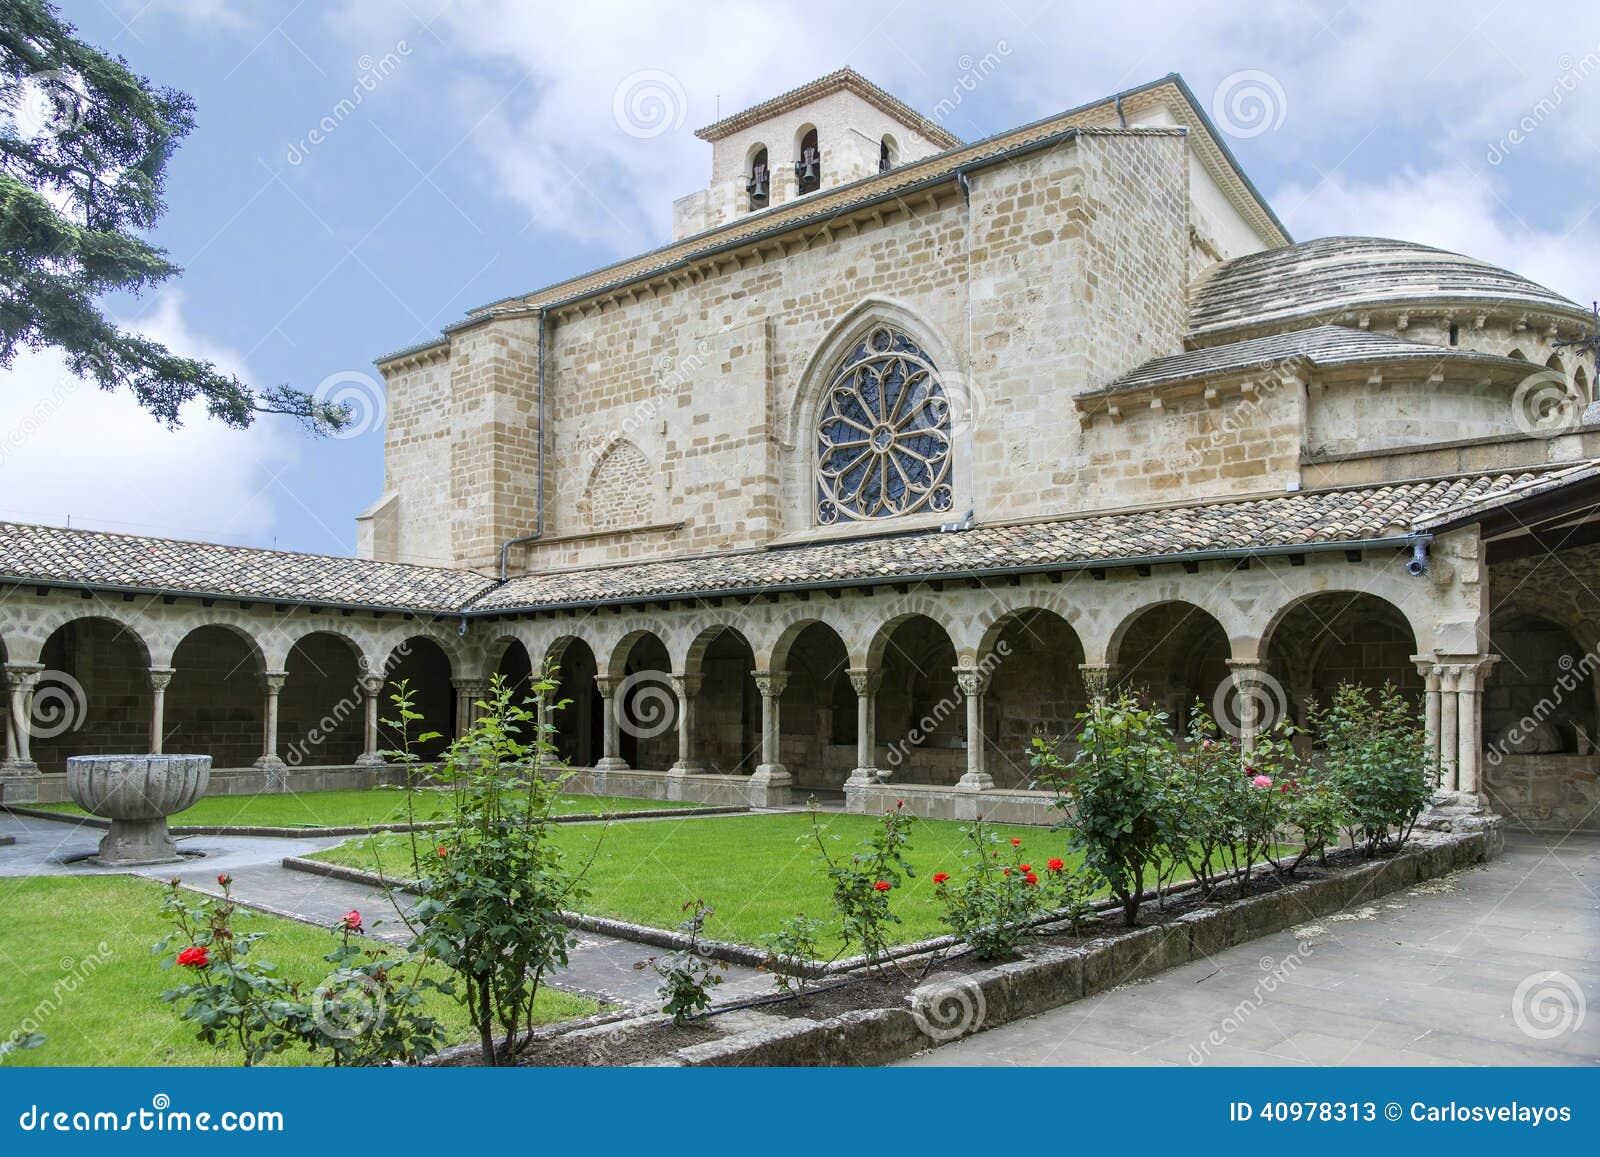 San Pedro de la Rua Church, Estella, Navarre spain